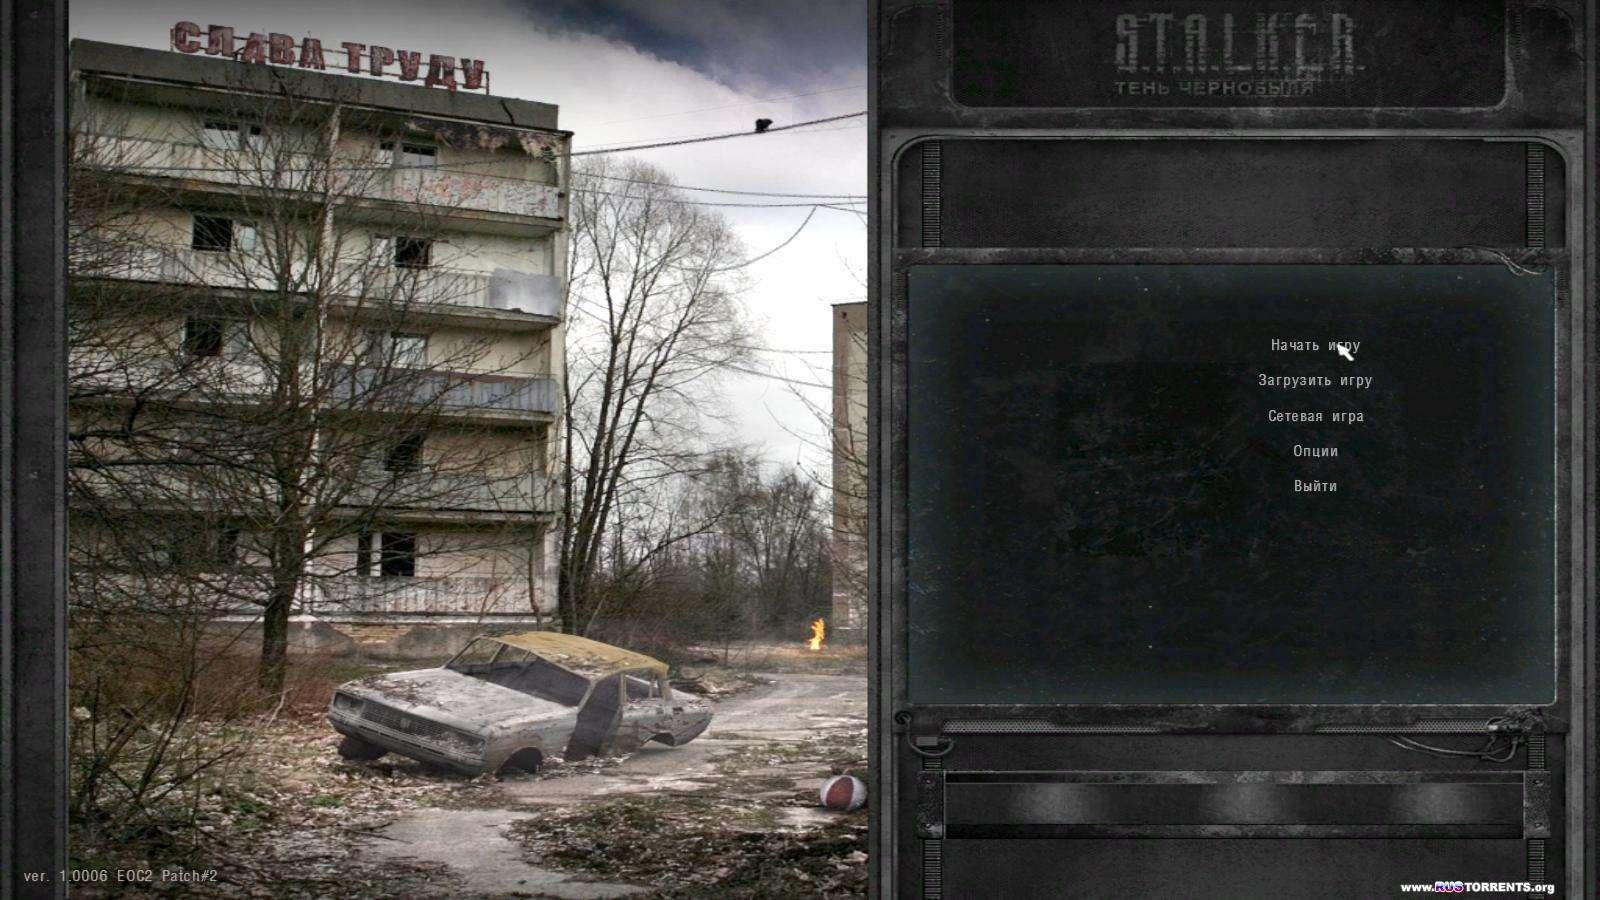 S.T.A.L.K.E.R.: Тень Чернобыля - Эхо Чернобыля 2: Второе дыхание | PC